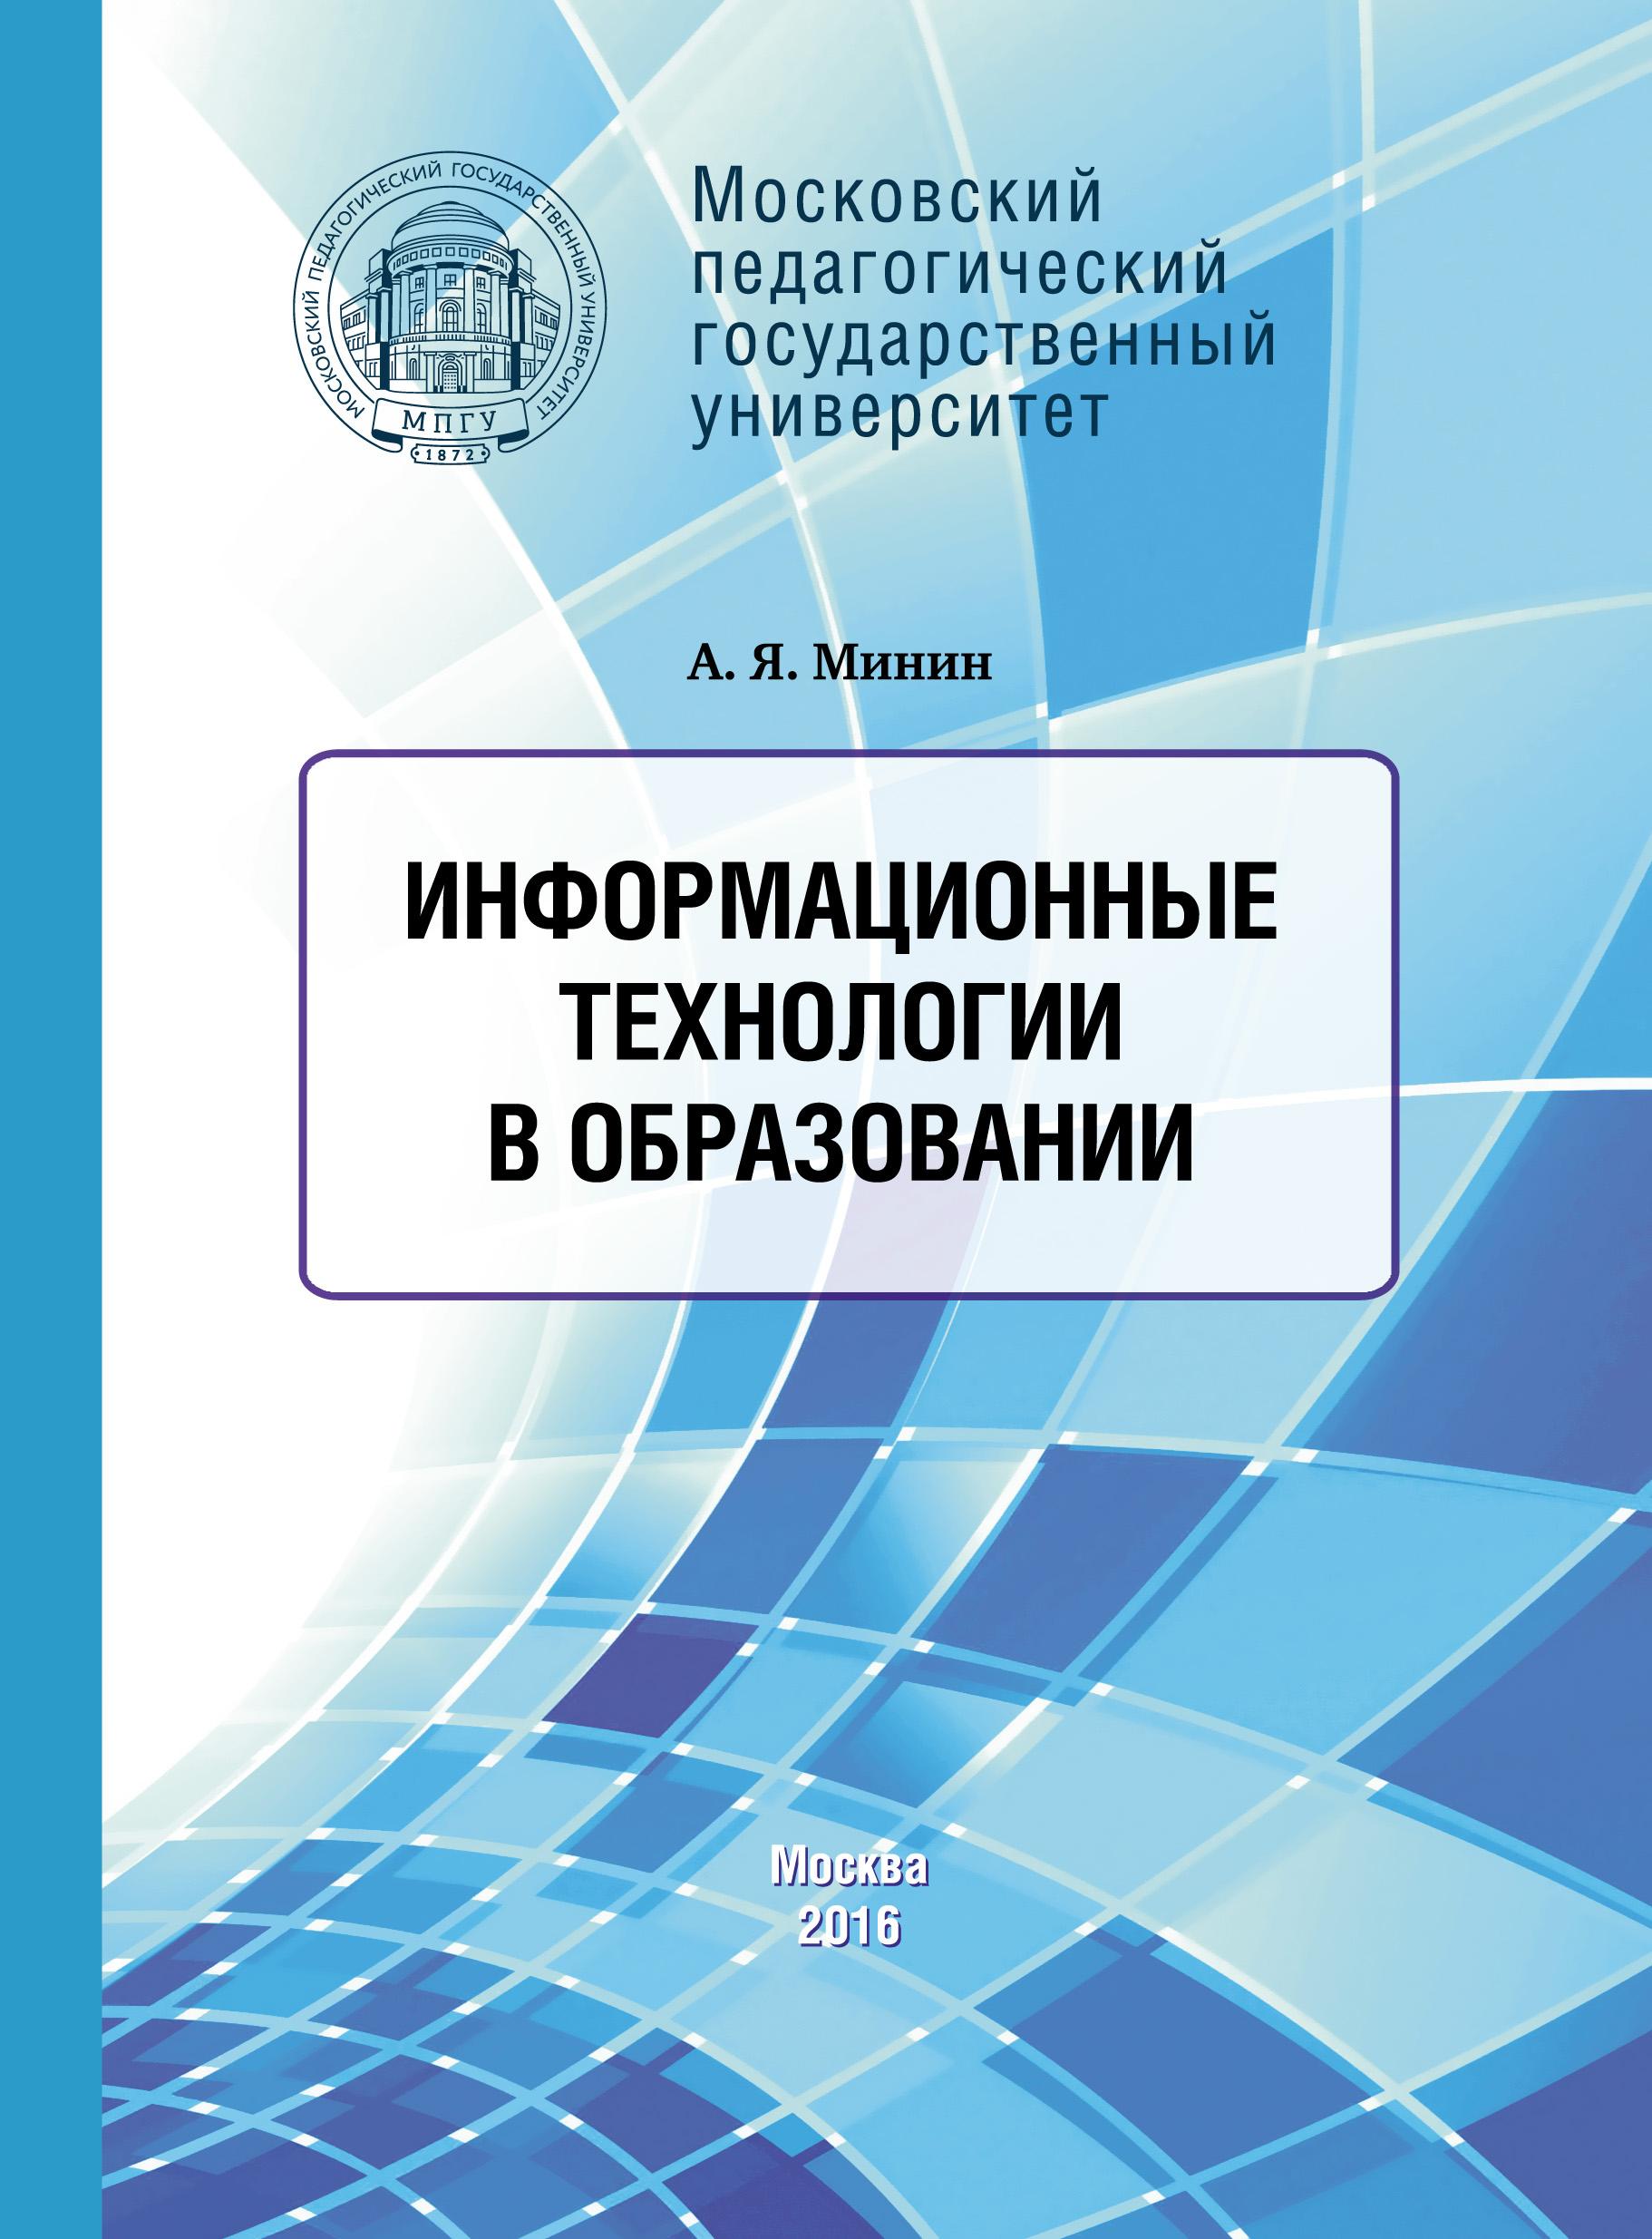 А. Я. Минин Информационные технологии в образовании